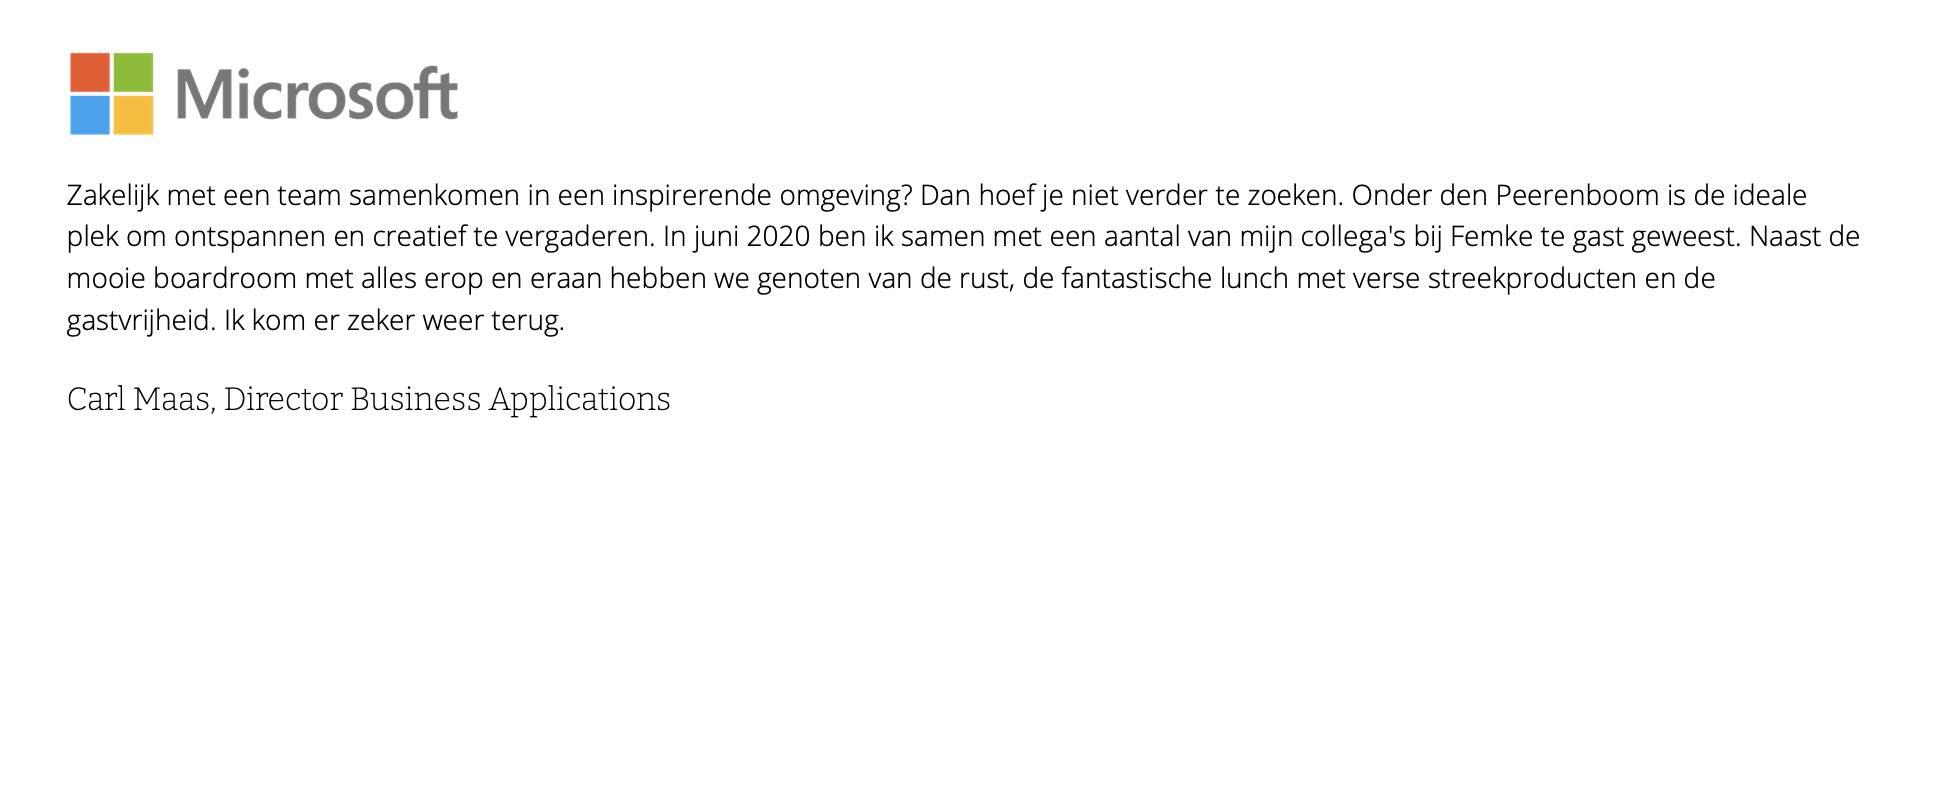 Referentie Microsoft_2